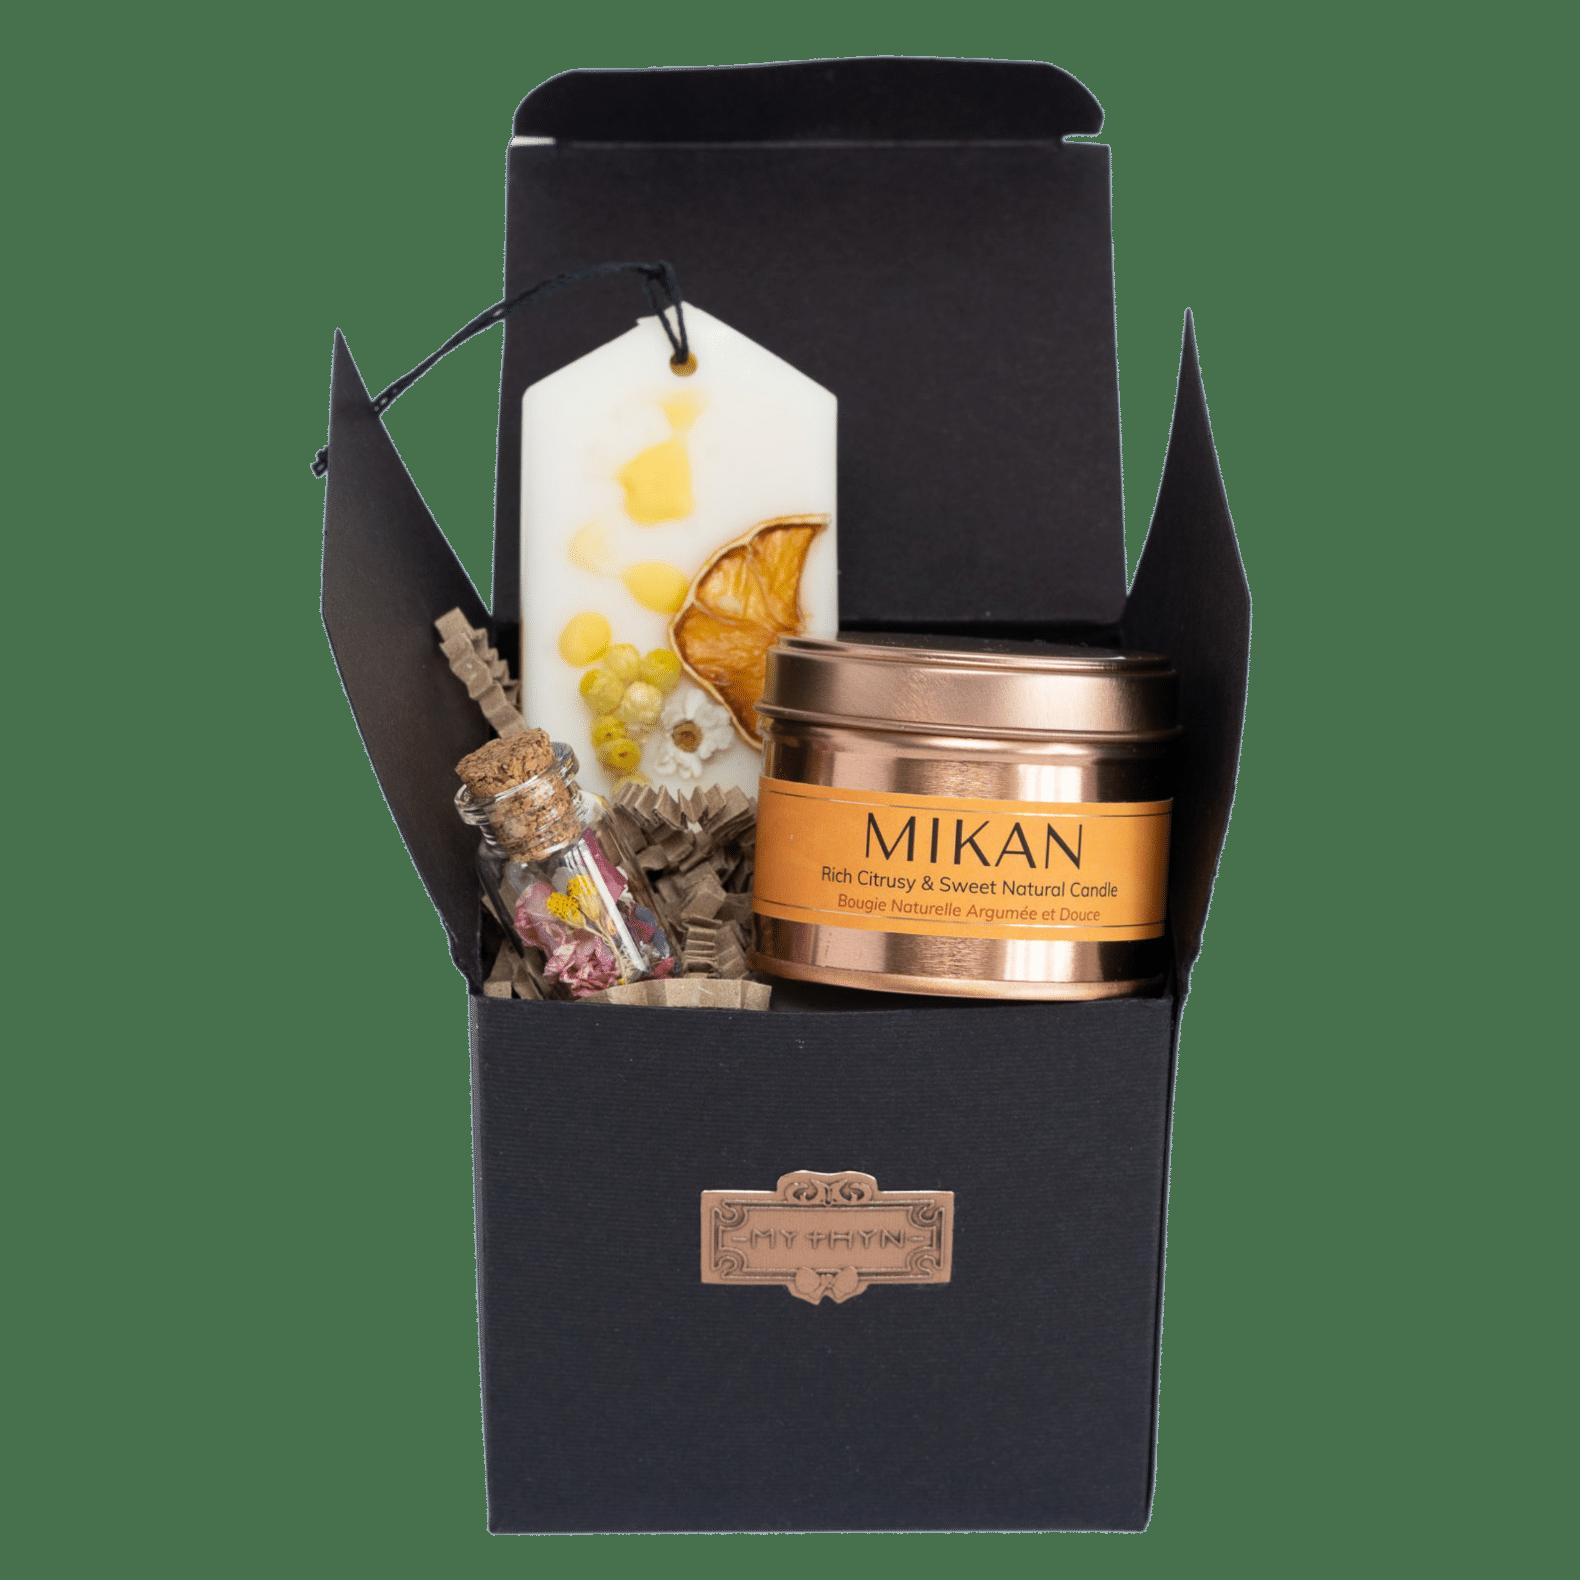 Mythyn - Sunburst Gift Set